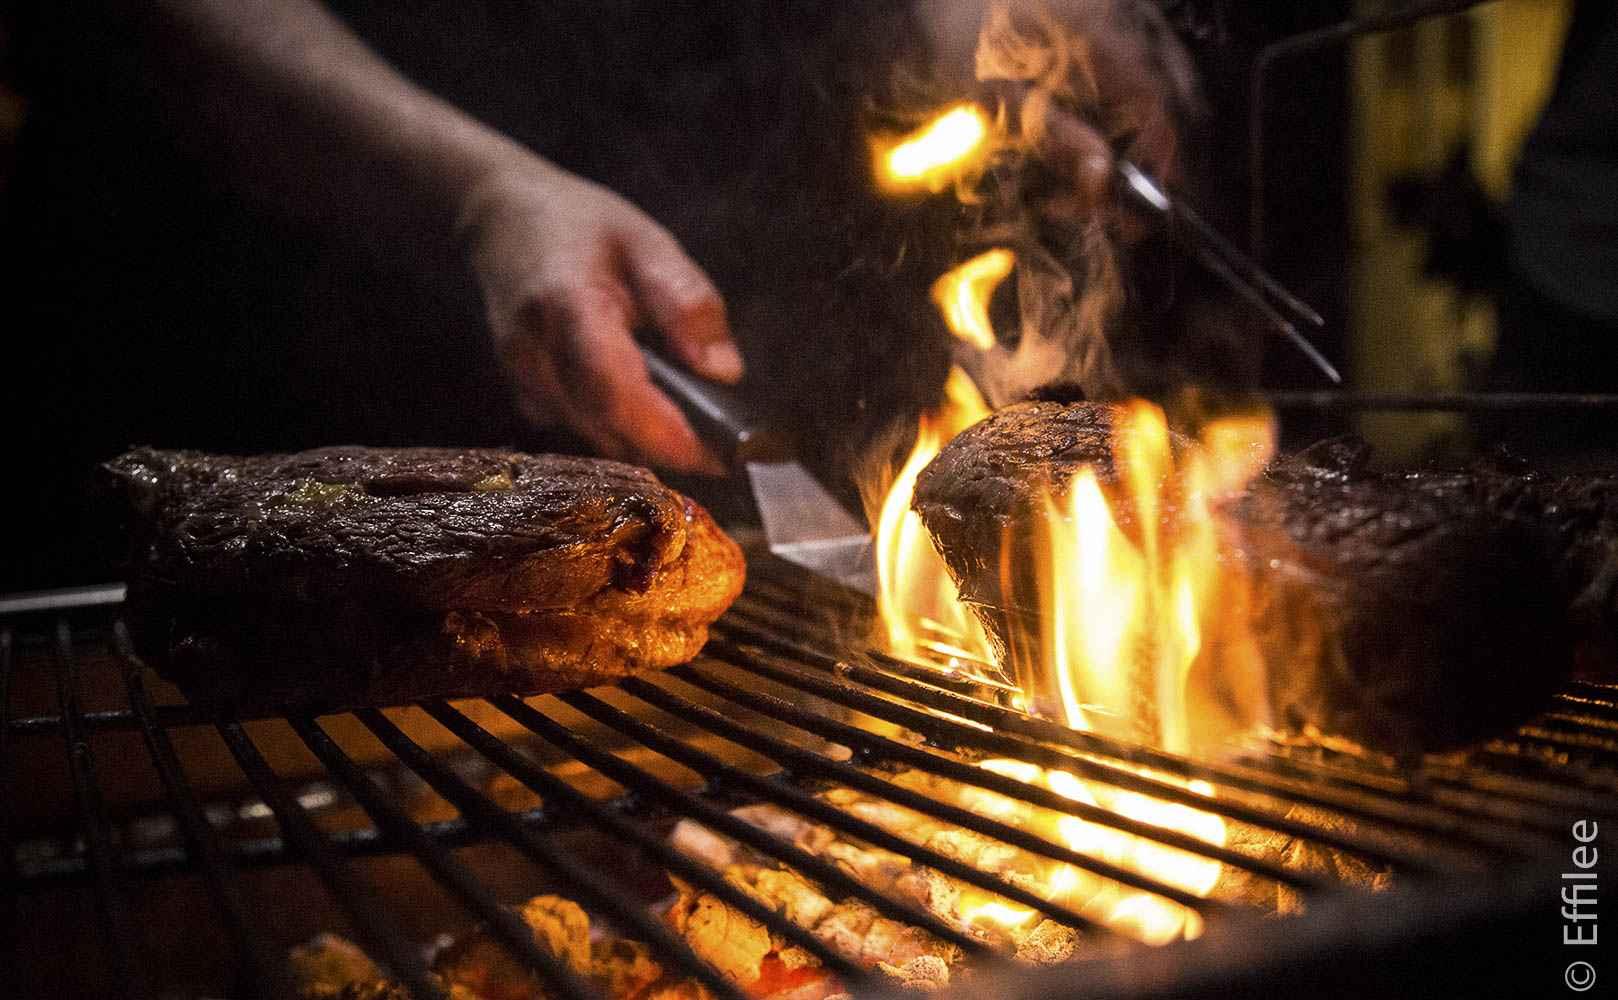 Der Grill muss richtig heiß sein, dann muss man allerdings auf die Flammen aufpassen